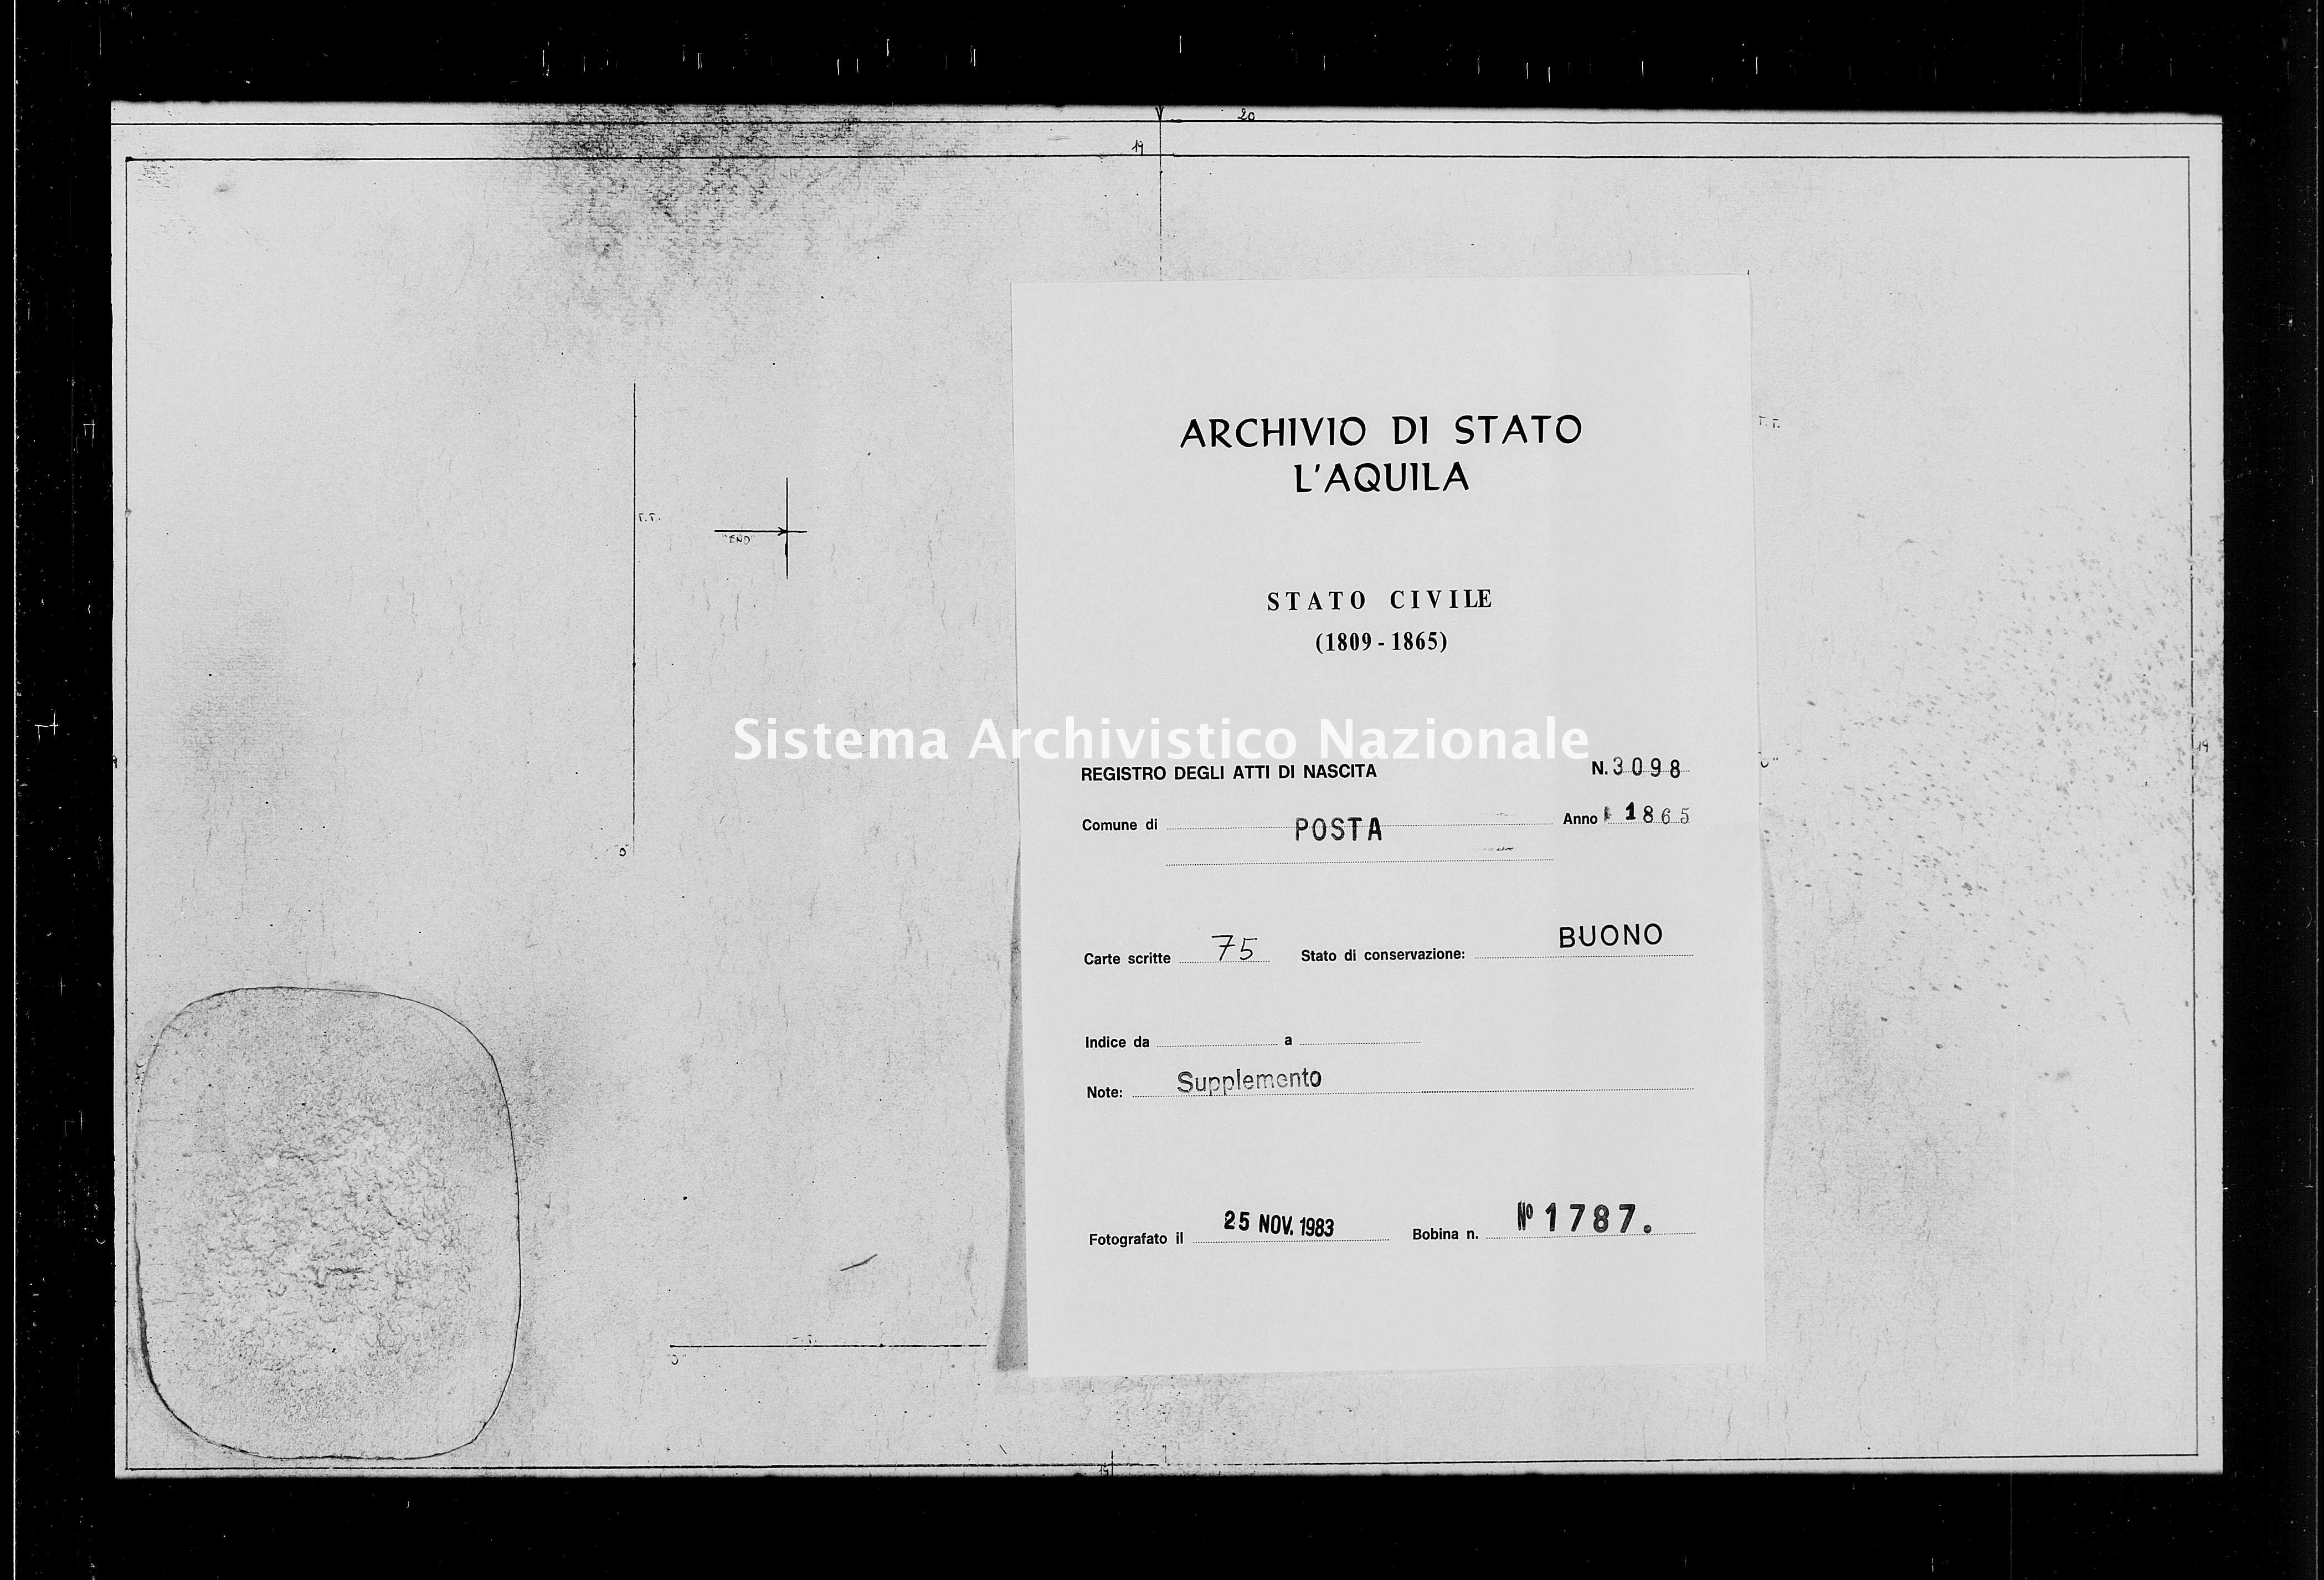 Archivio di stato di L'aquila - Stato civile italiano - Posta - Nati, battesimi - 1865 - 3098 -